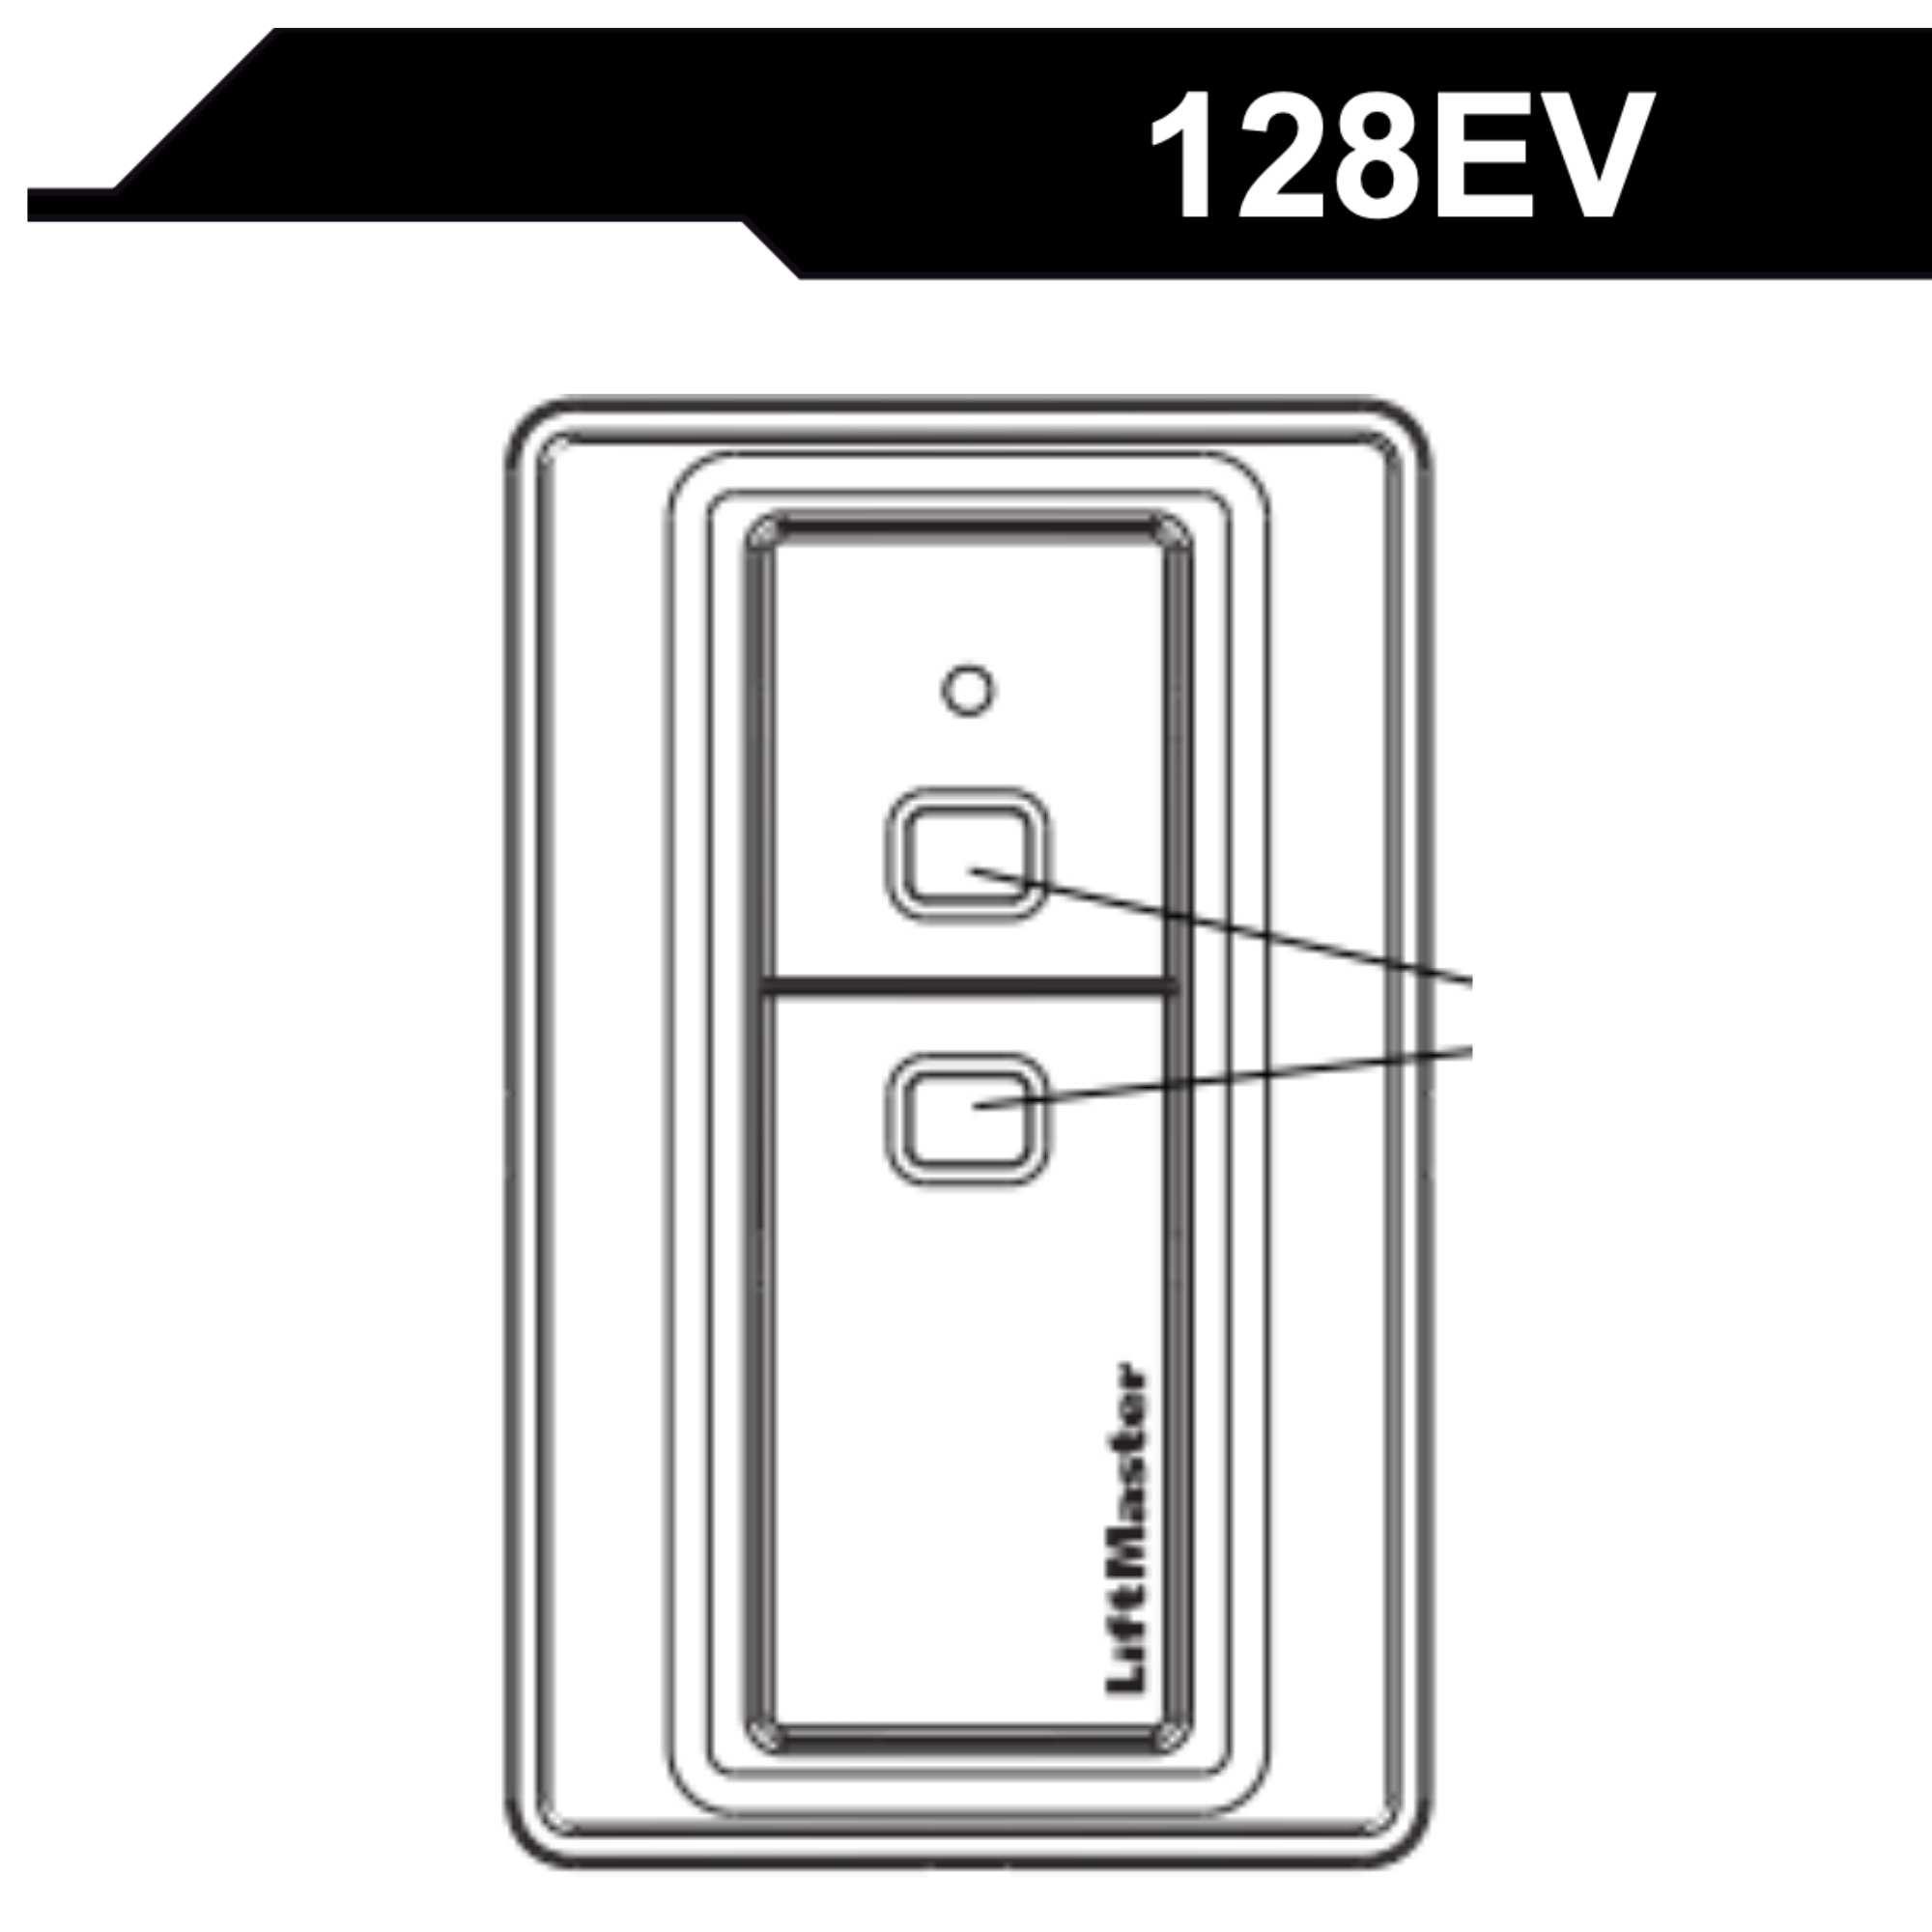 Manual 128EV fjernstyring i vegg